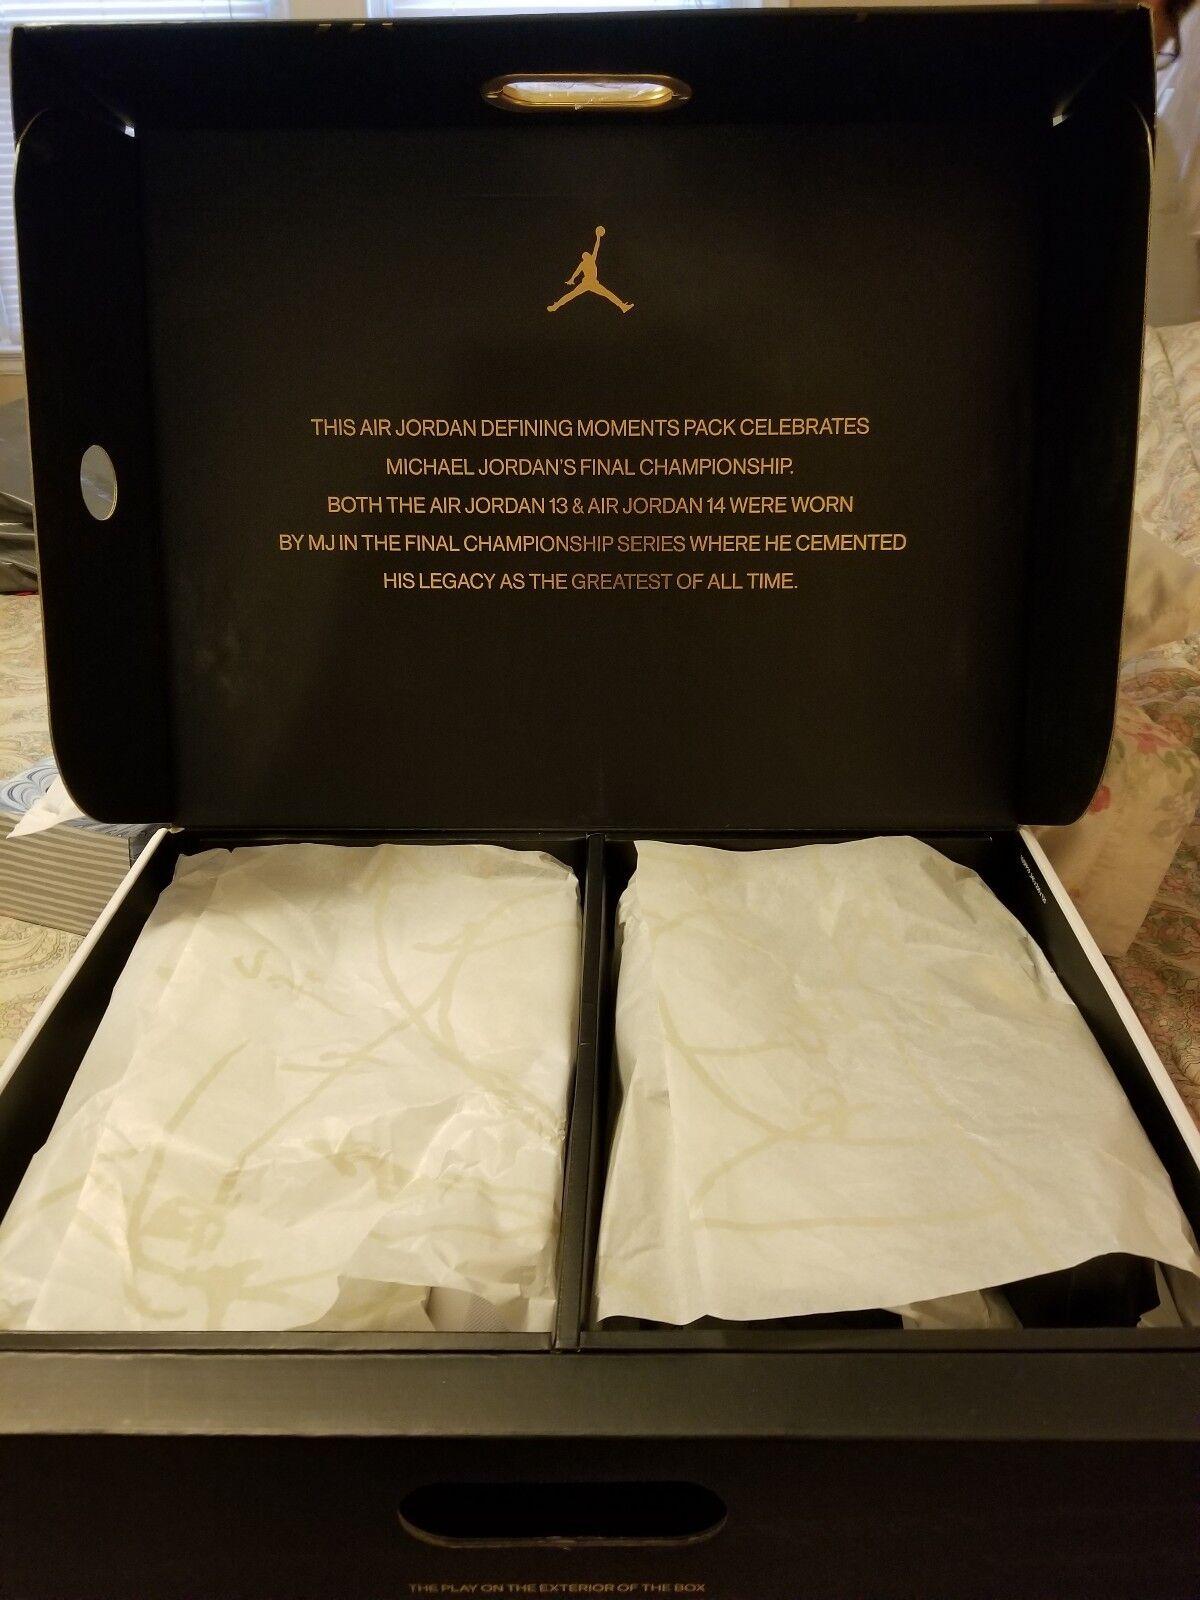 Nike Air Jordan 13  Jordan 14 DMP Finals Defining Moments Pack size 11.5